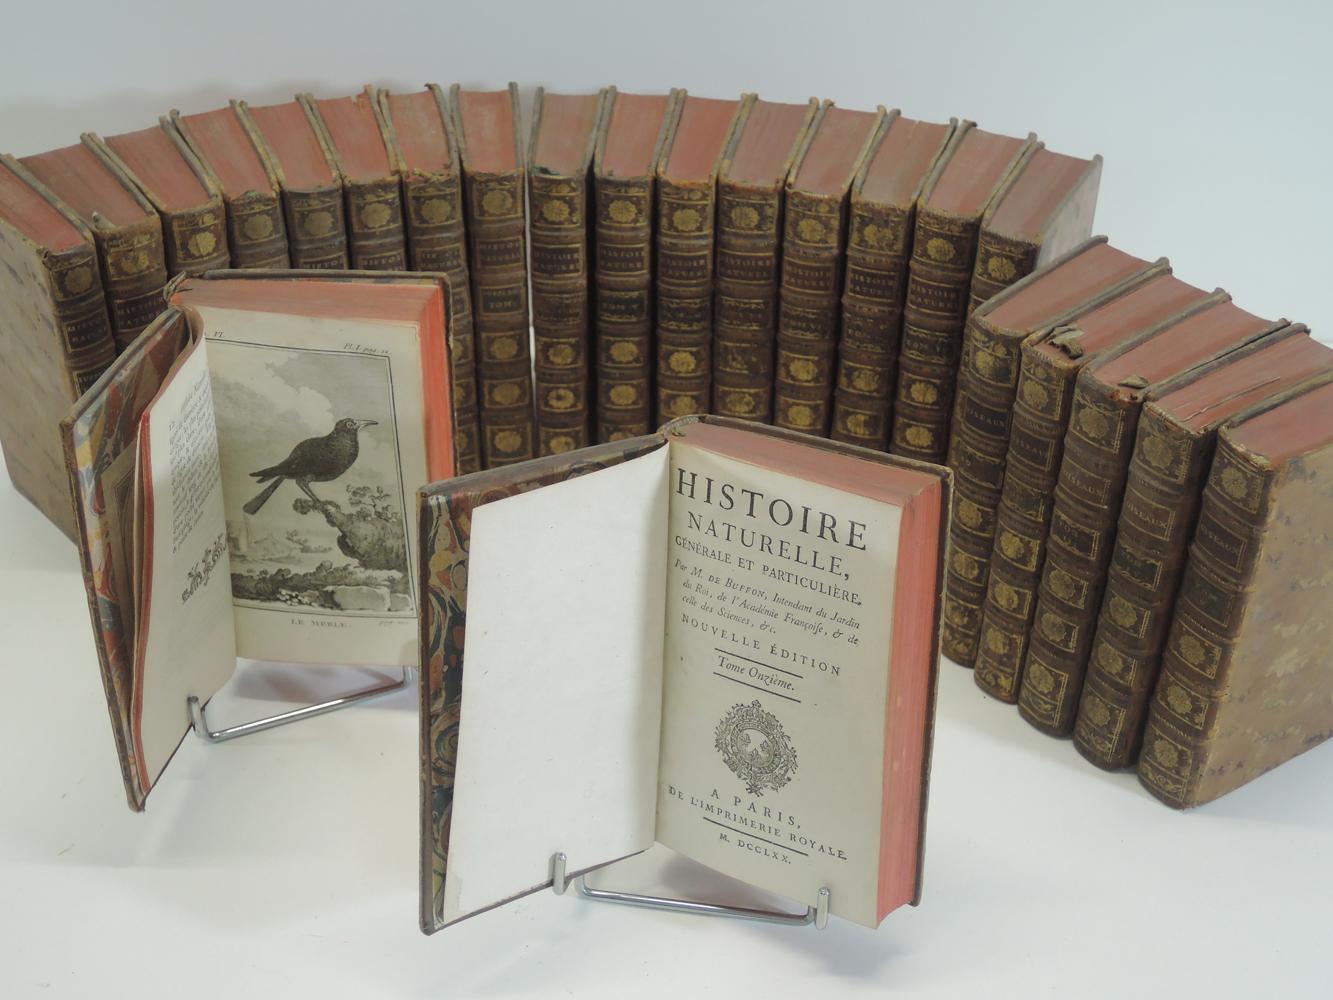 buffon-histoire-naturelle-generale-et-particuliere-nouvelle-edition-en-13-volumes-paris-imprimerie-royale-1769-1770--168